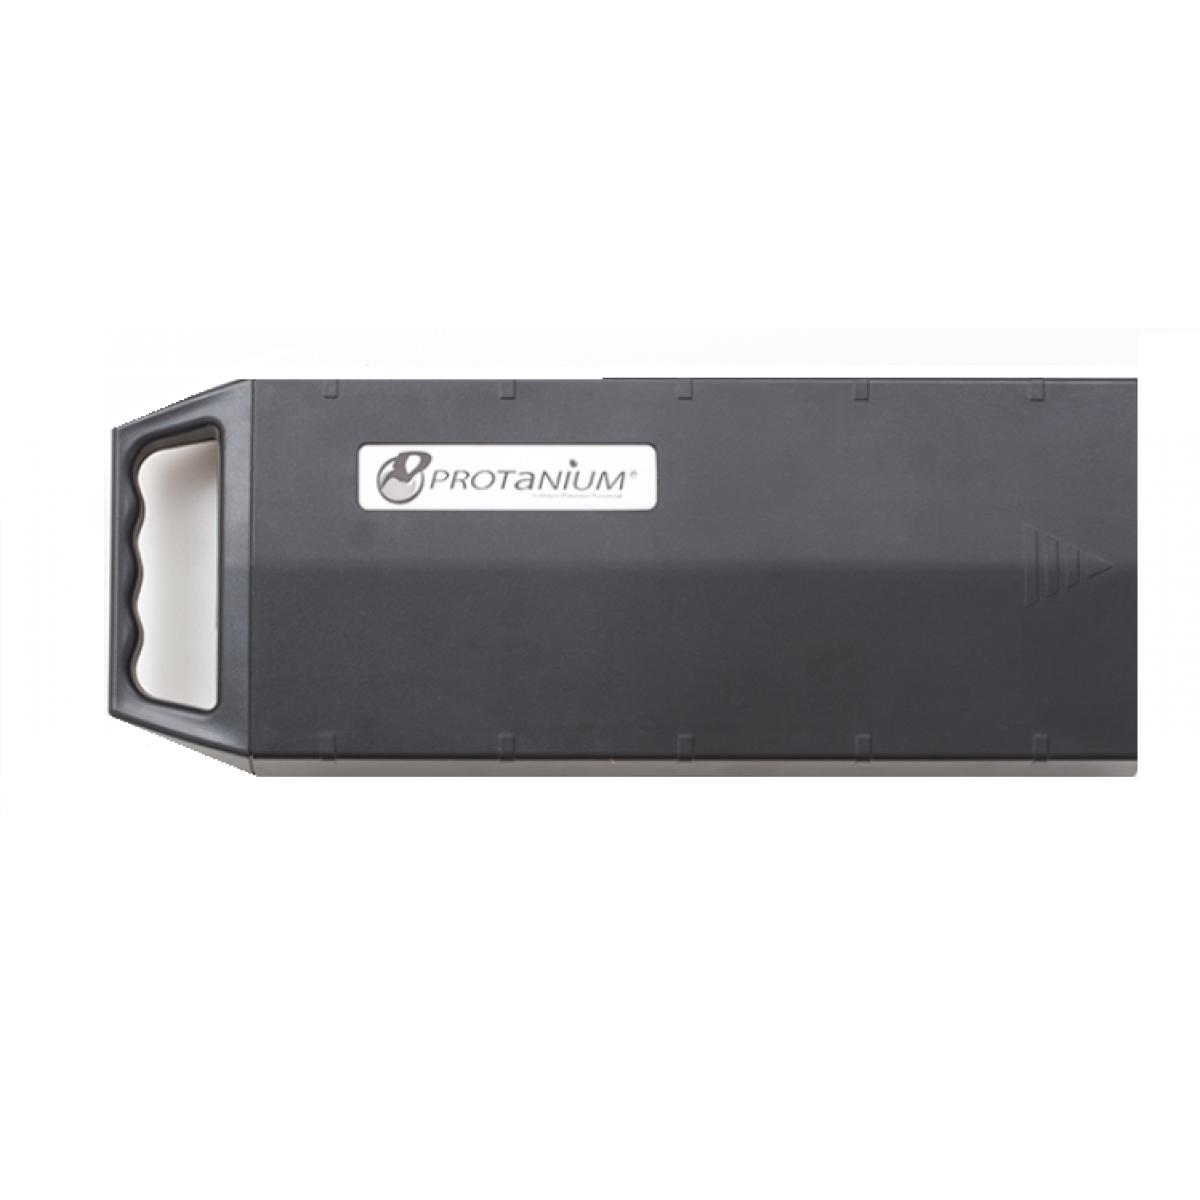 Fietsaccu Protanium 26,6V 10Ah BP-L2410SH1 / BP-L2410SHW